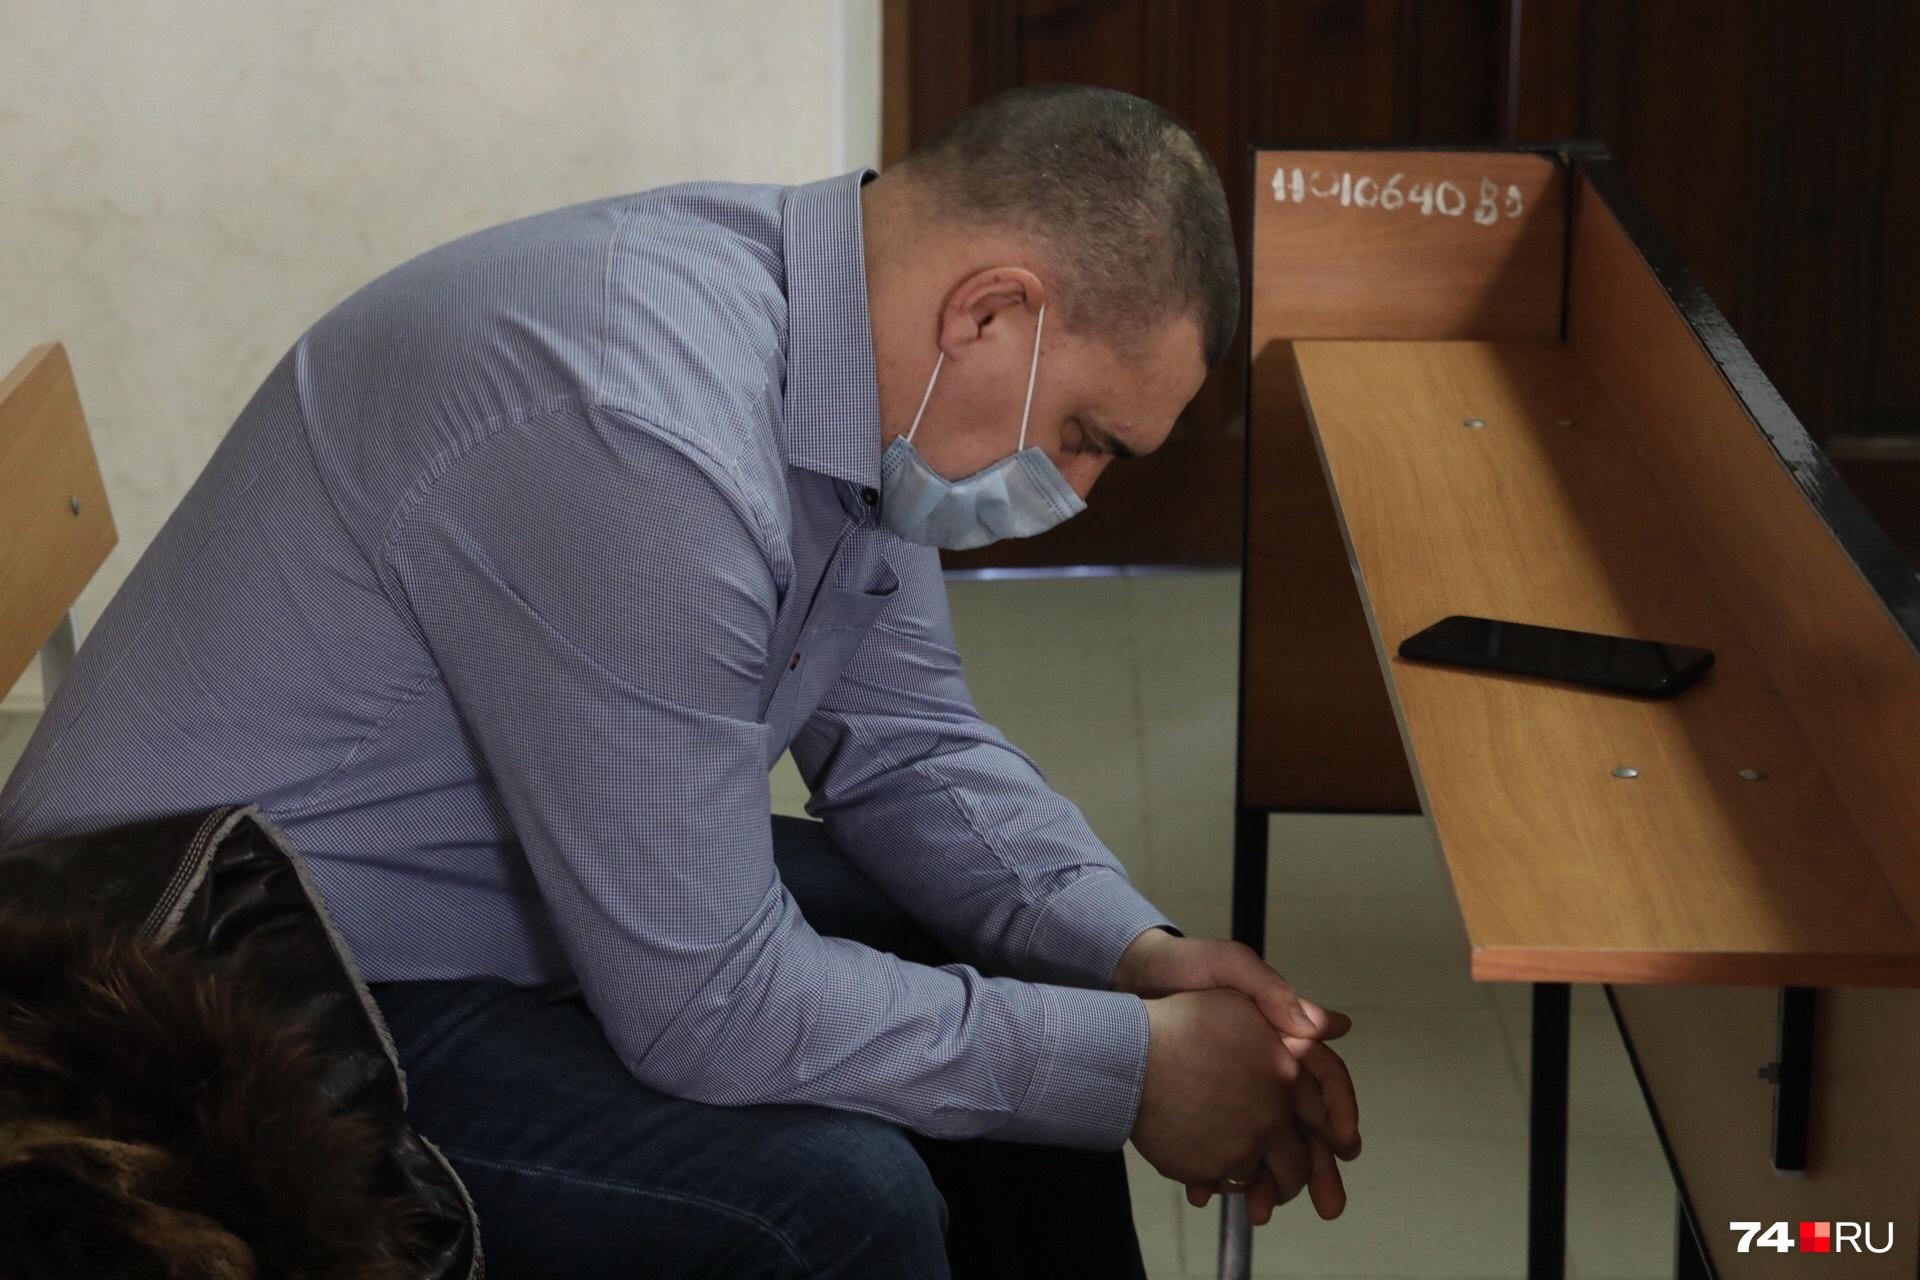 Анатолий Лавров рассказывает, что с Настей и ее семьей они продолжают общаться и помогают как могут